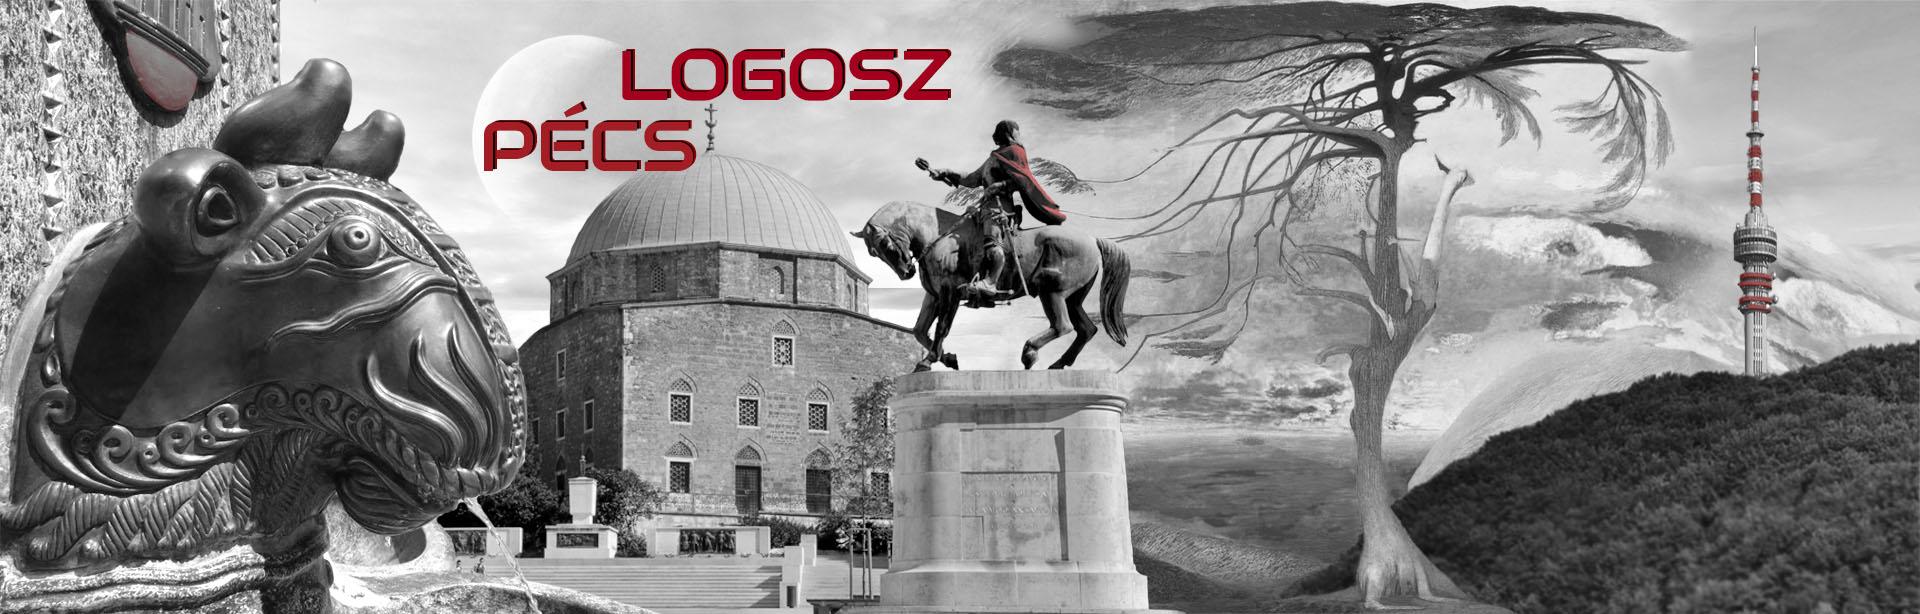 Logosz - Cégalapítás Pécs